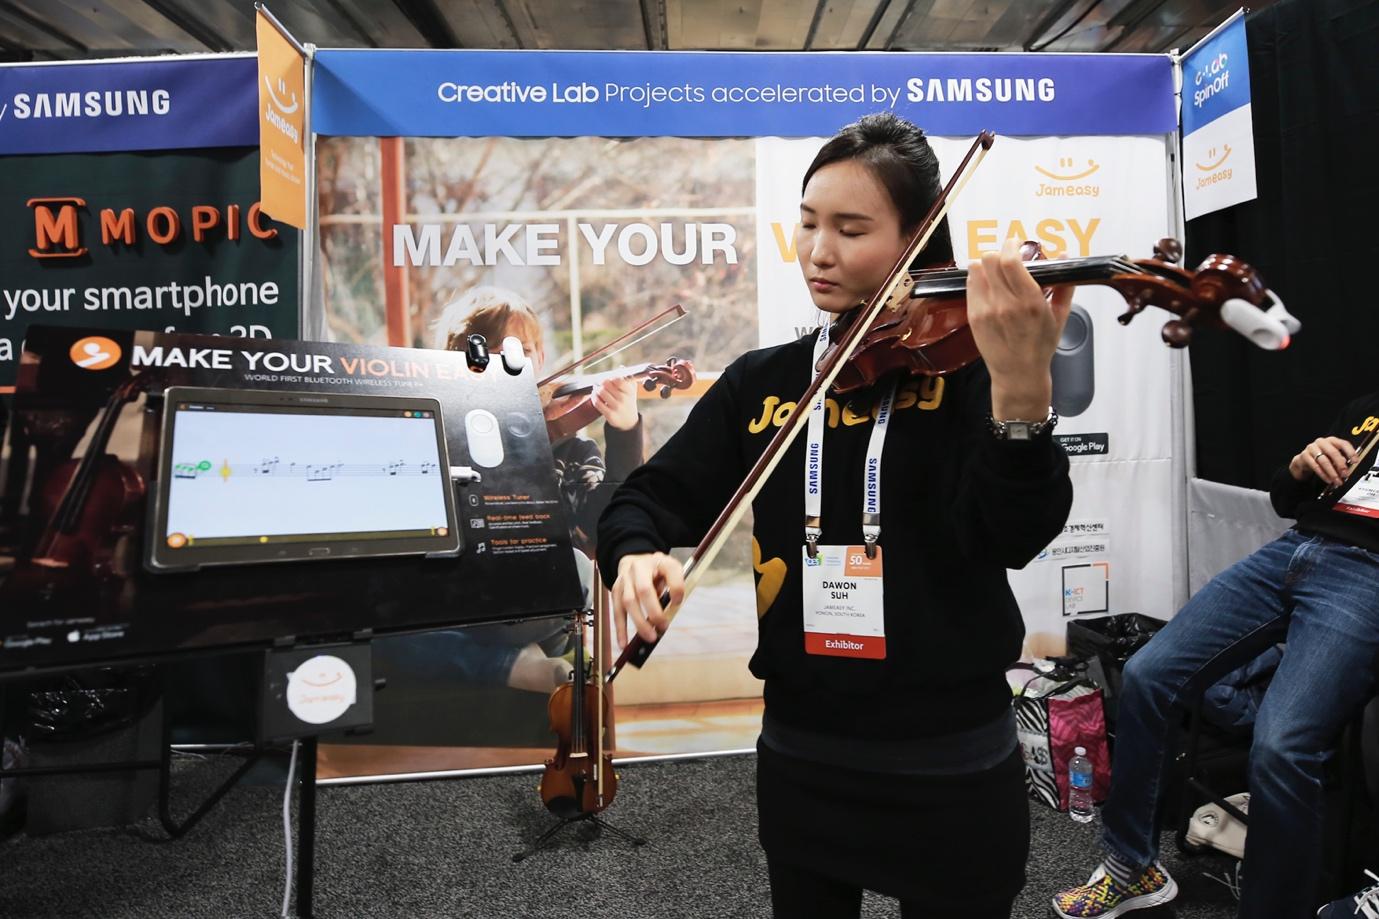 잼이지(JAMEASY) 부스에서 바이올린을 연주하는 서다원씨